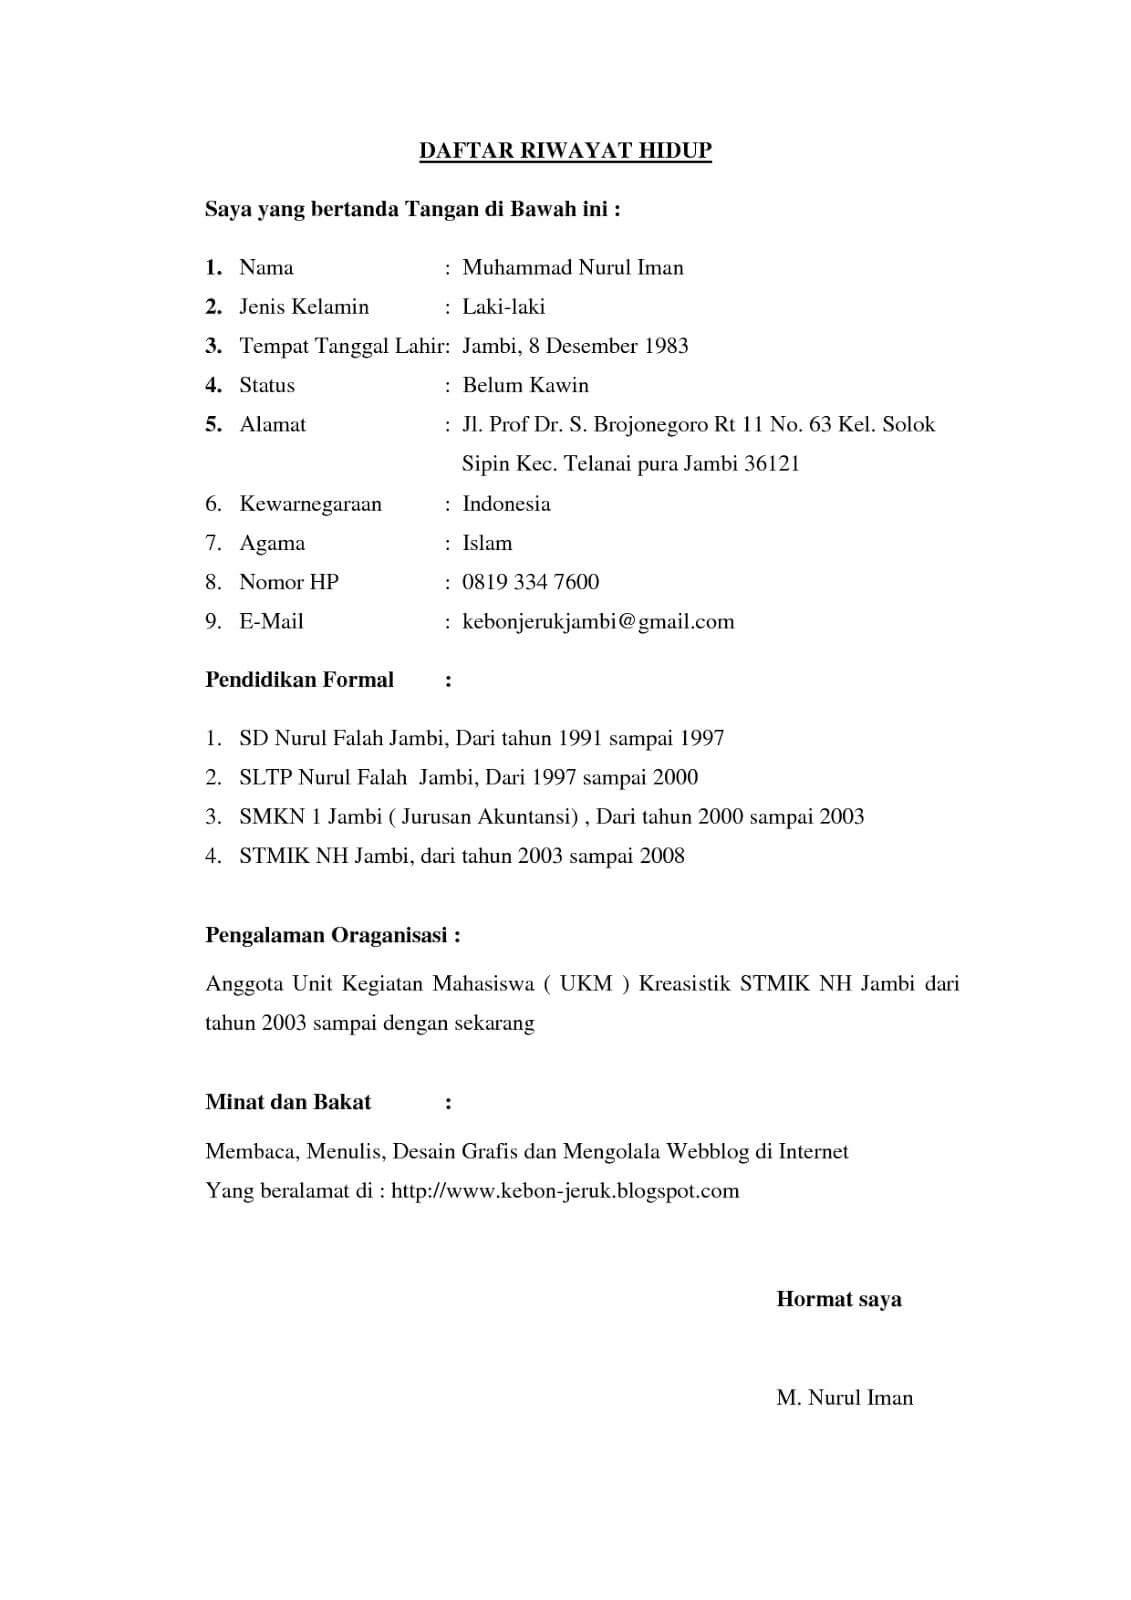 15 Contoh Daftar Riwayat Hidup Curriculum Vitae Cv Terlengkap Contoh Surat